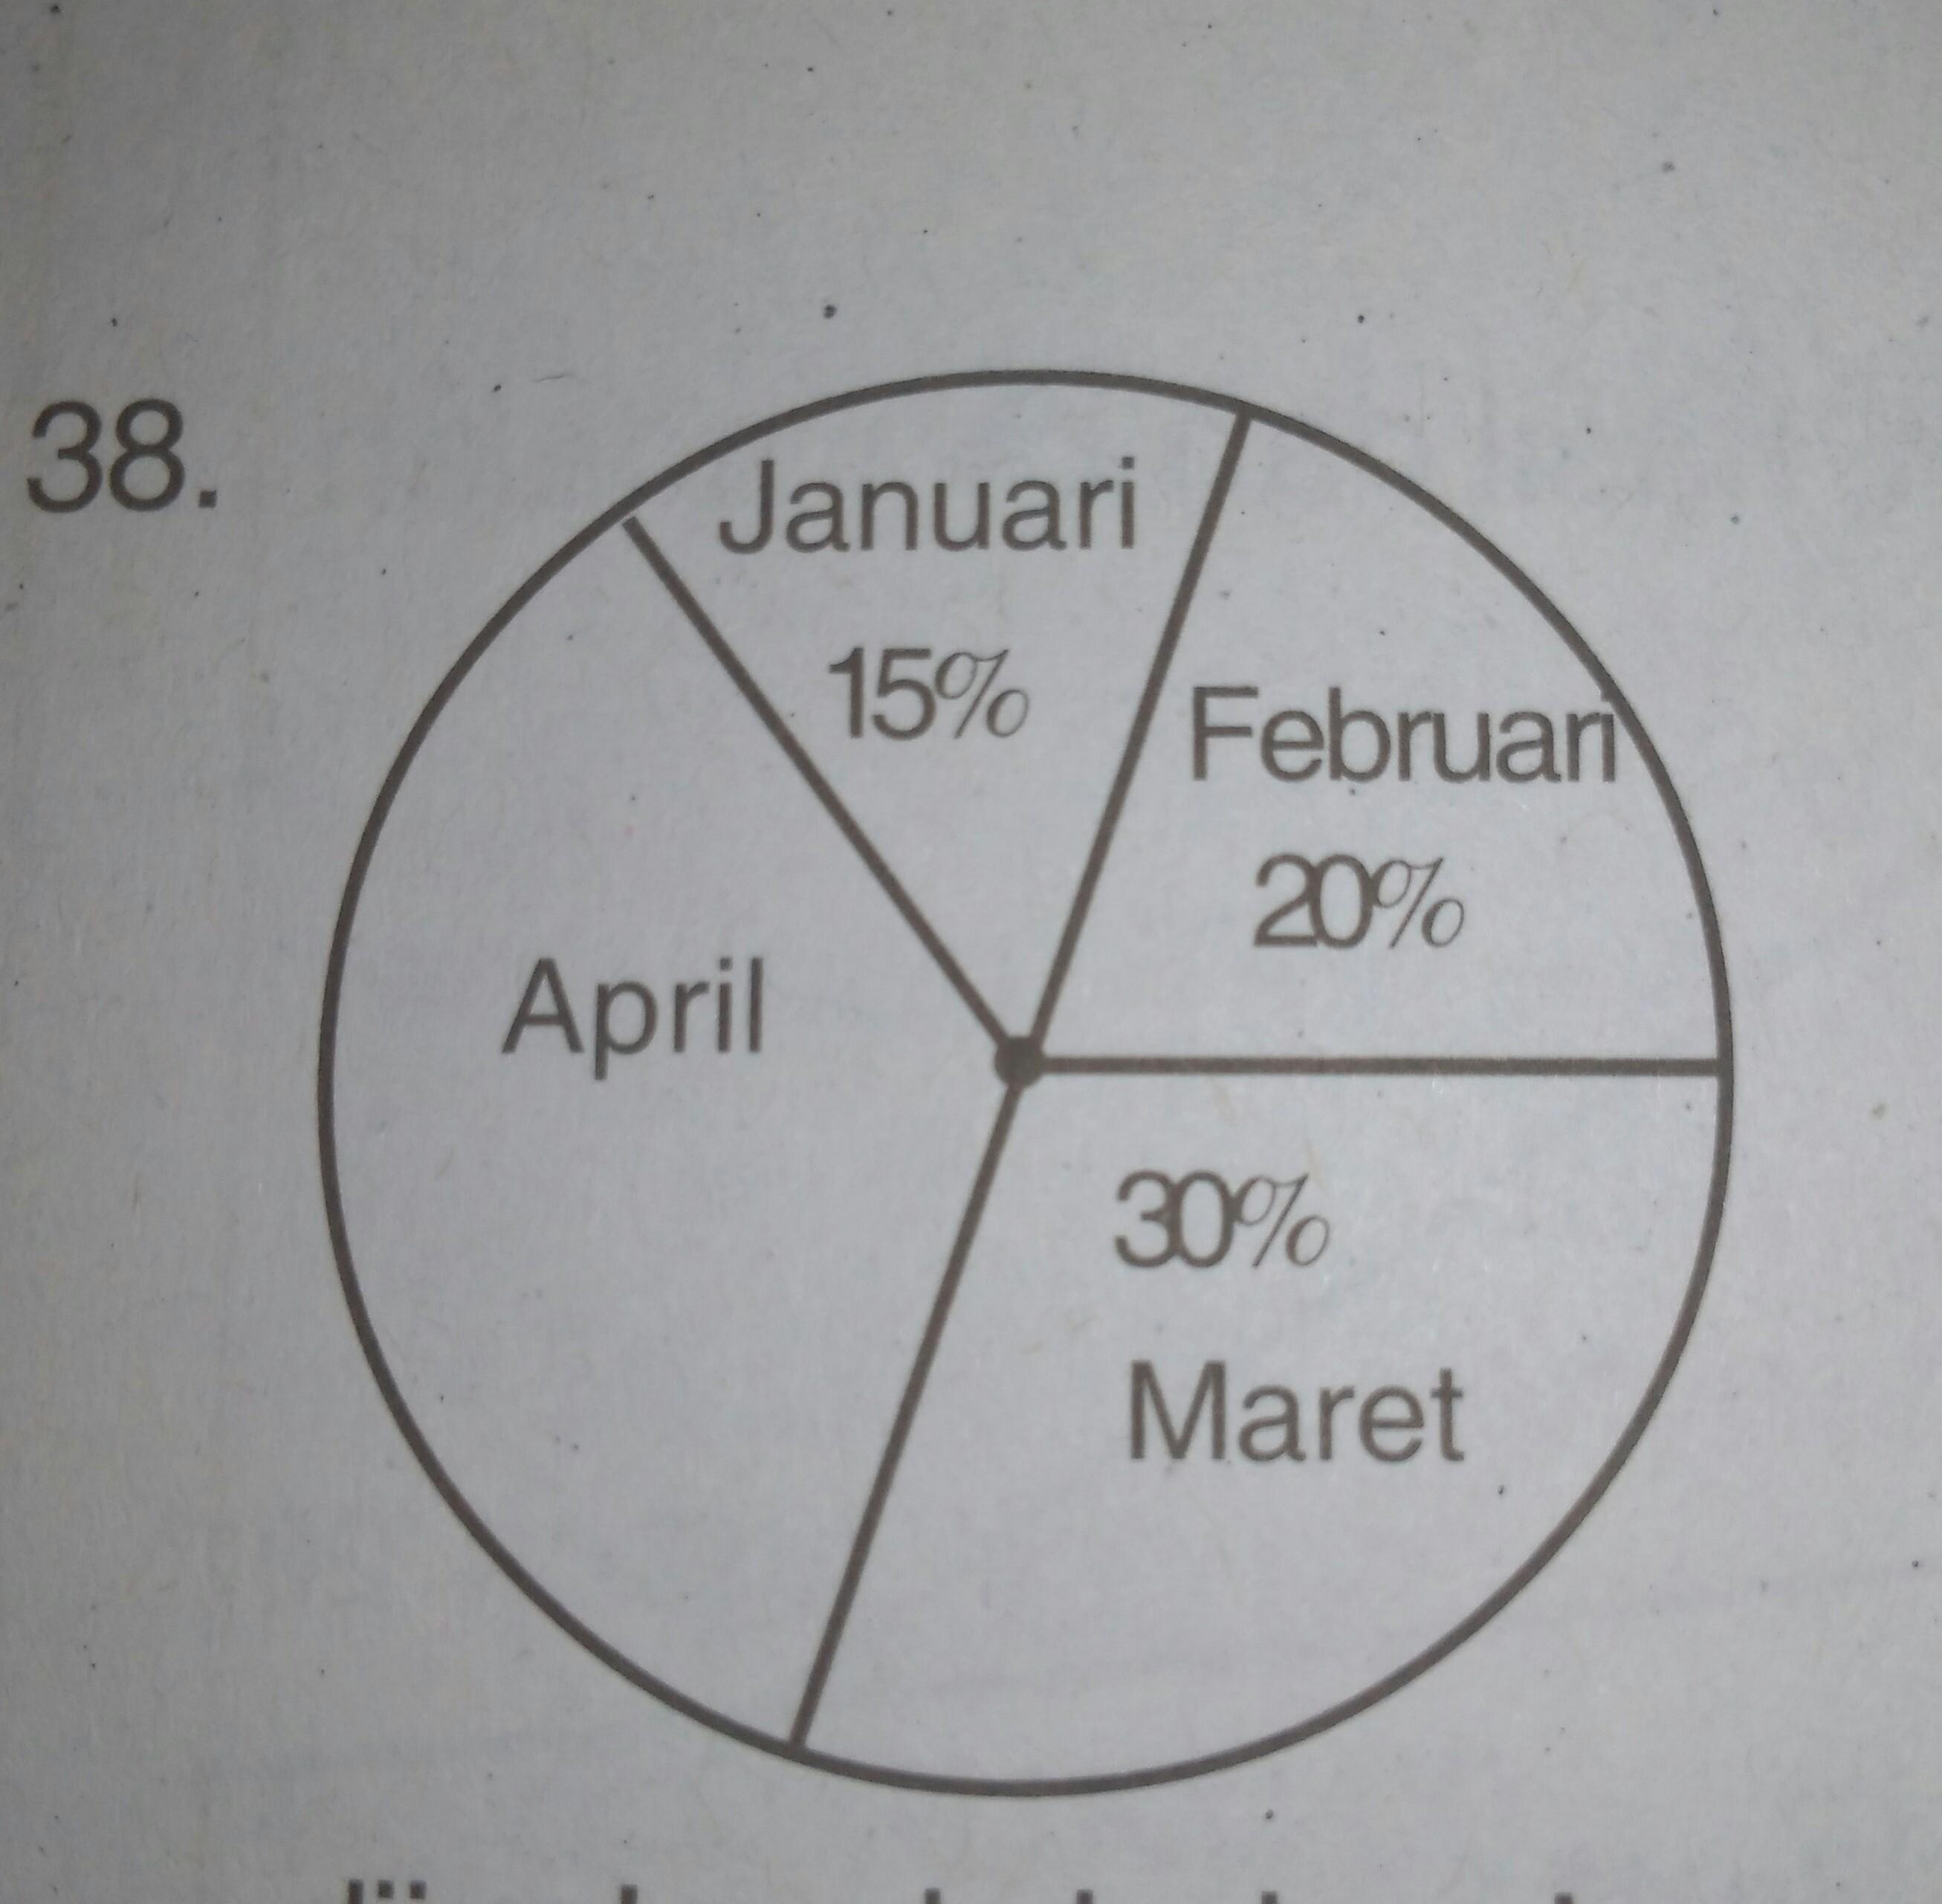 Diagram lingkaran di samping menunjukan hasil penjualan sepeda motor diagram lingkaran di samping menunjukan hasil penjualan sepeda motor di toko yamasa pada 4 bulan pertama tahun 2016 jika banyak sepeda motor yang di jual ccuart Gallery